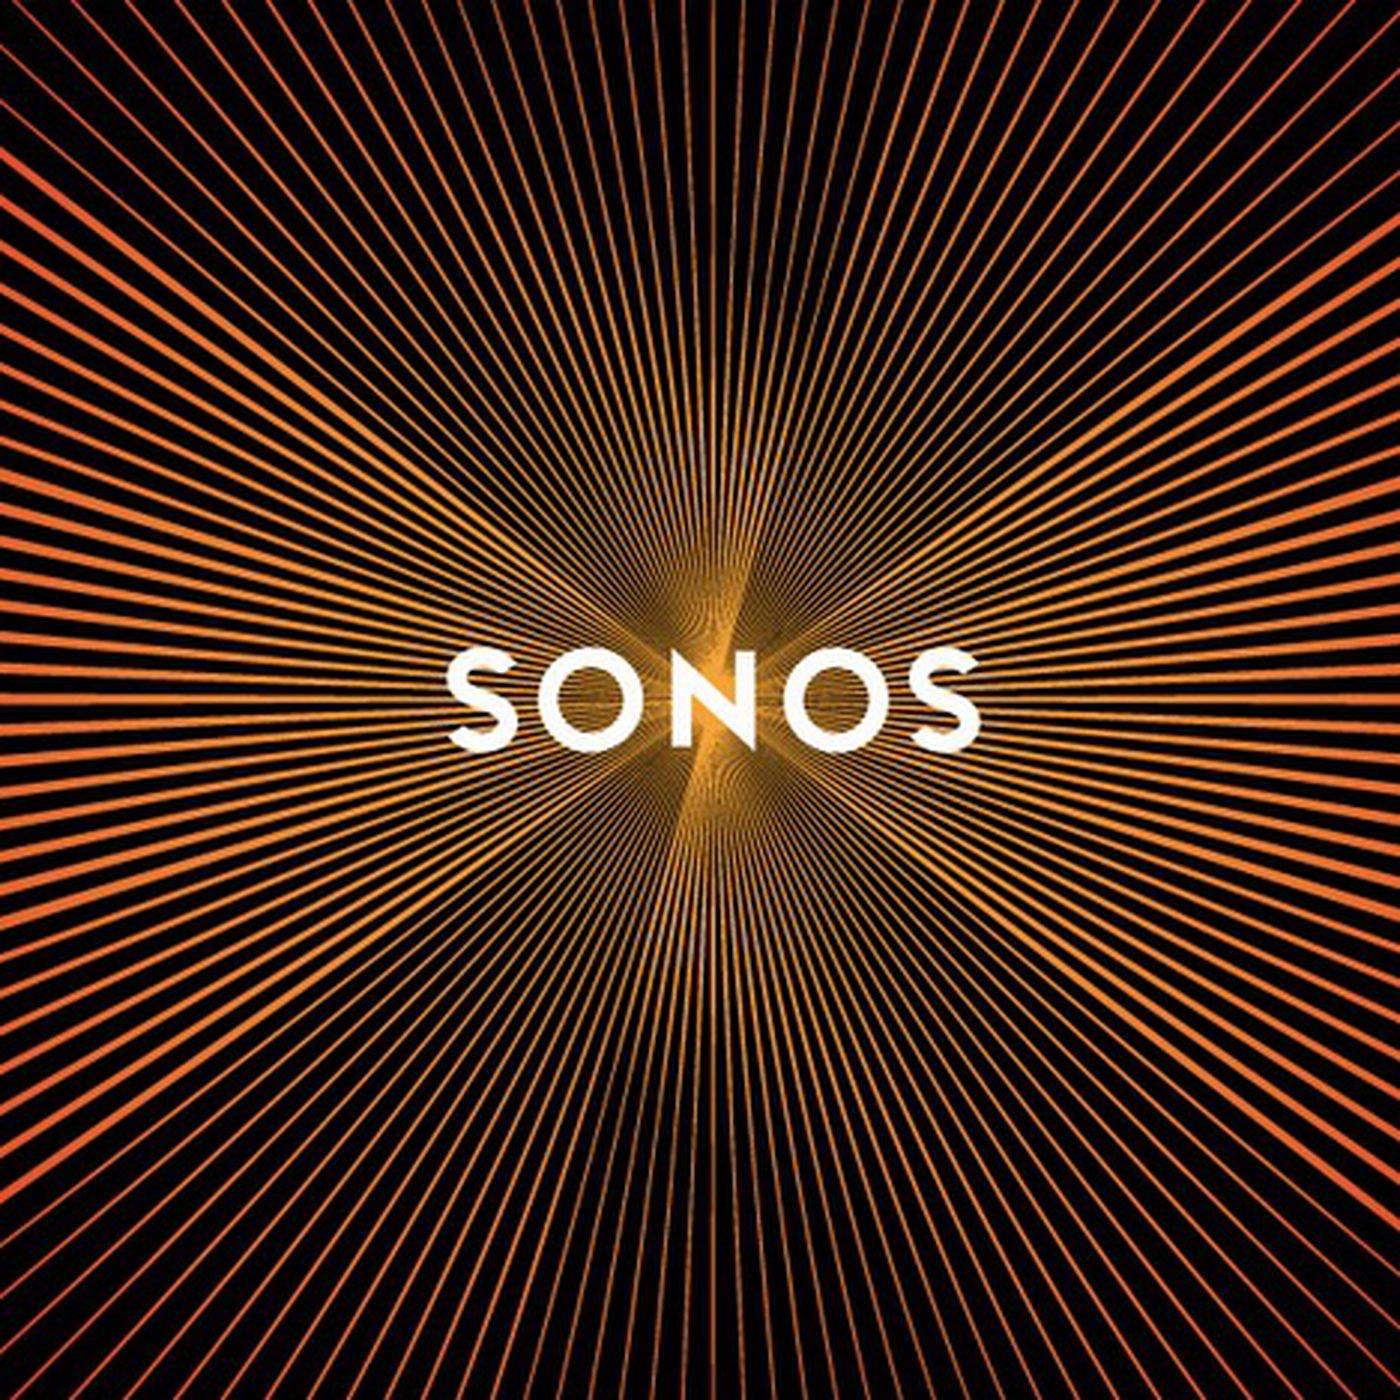 Sonos - obniżka cen wybranych głośników o 200zł/400zł